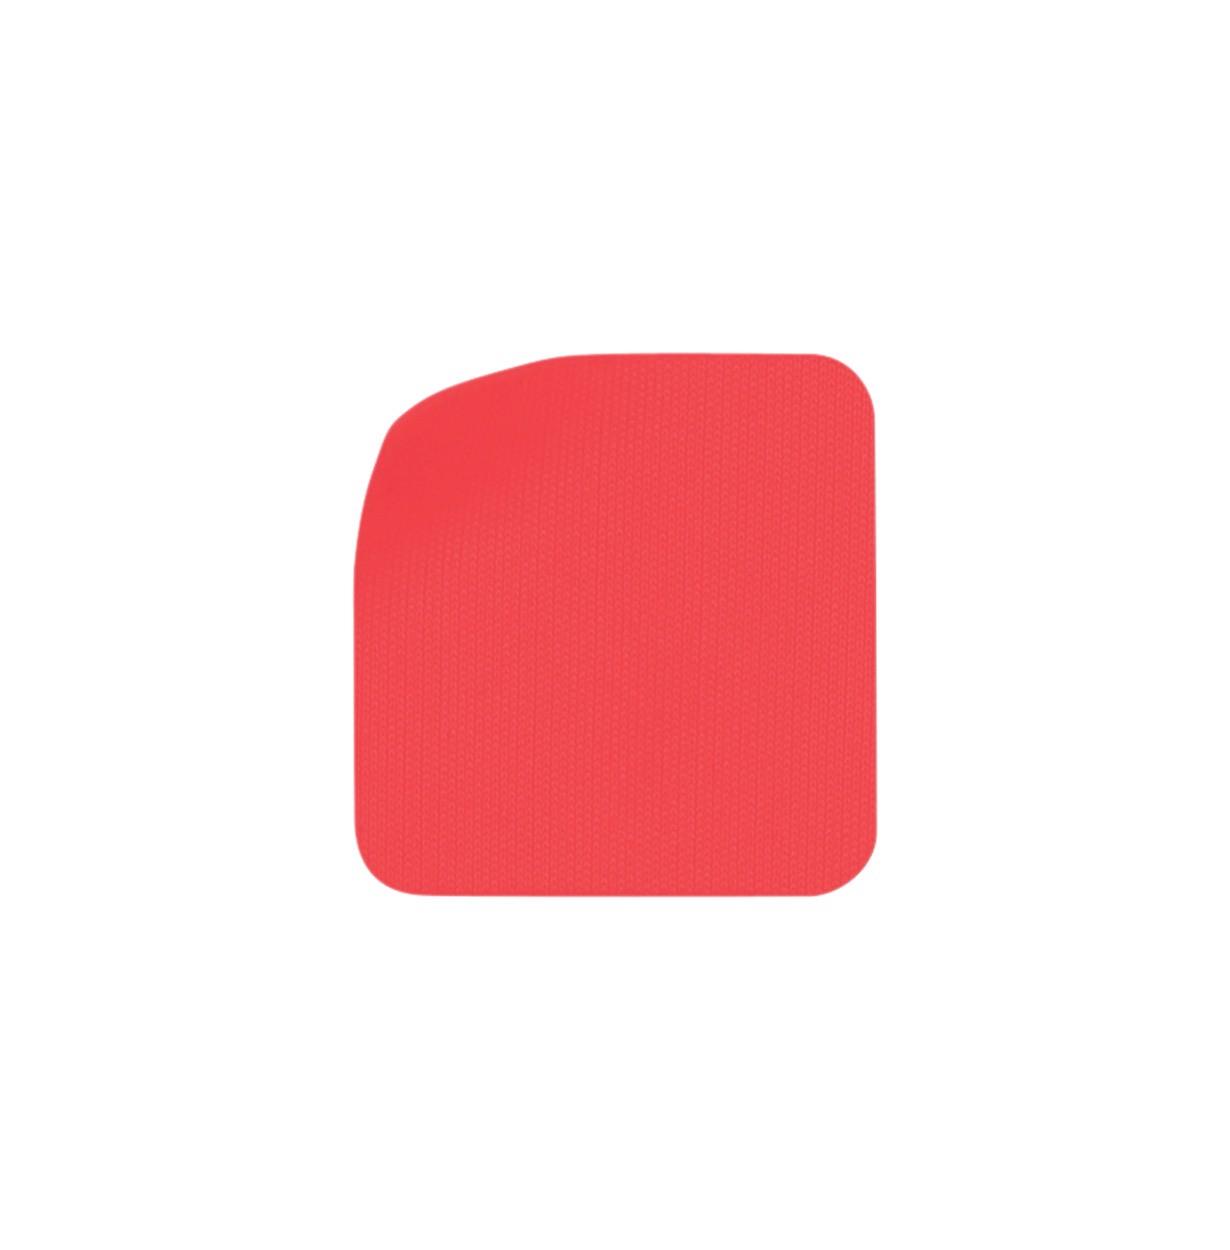 Screen Cleaner Nopek - Red